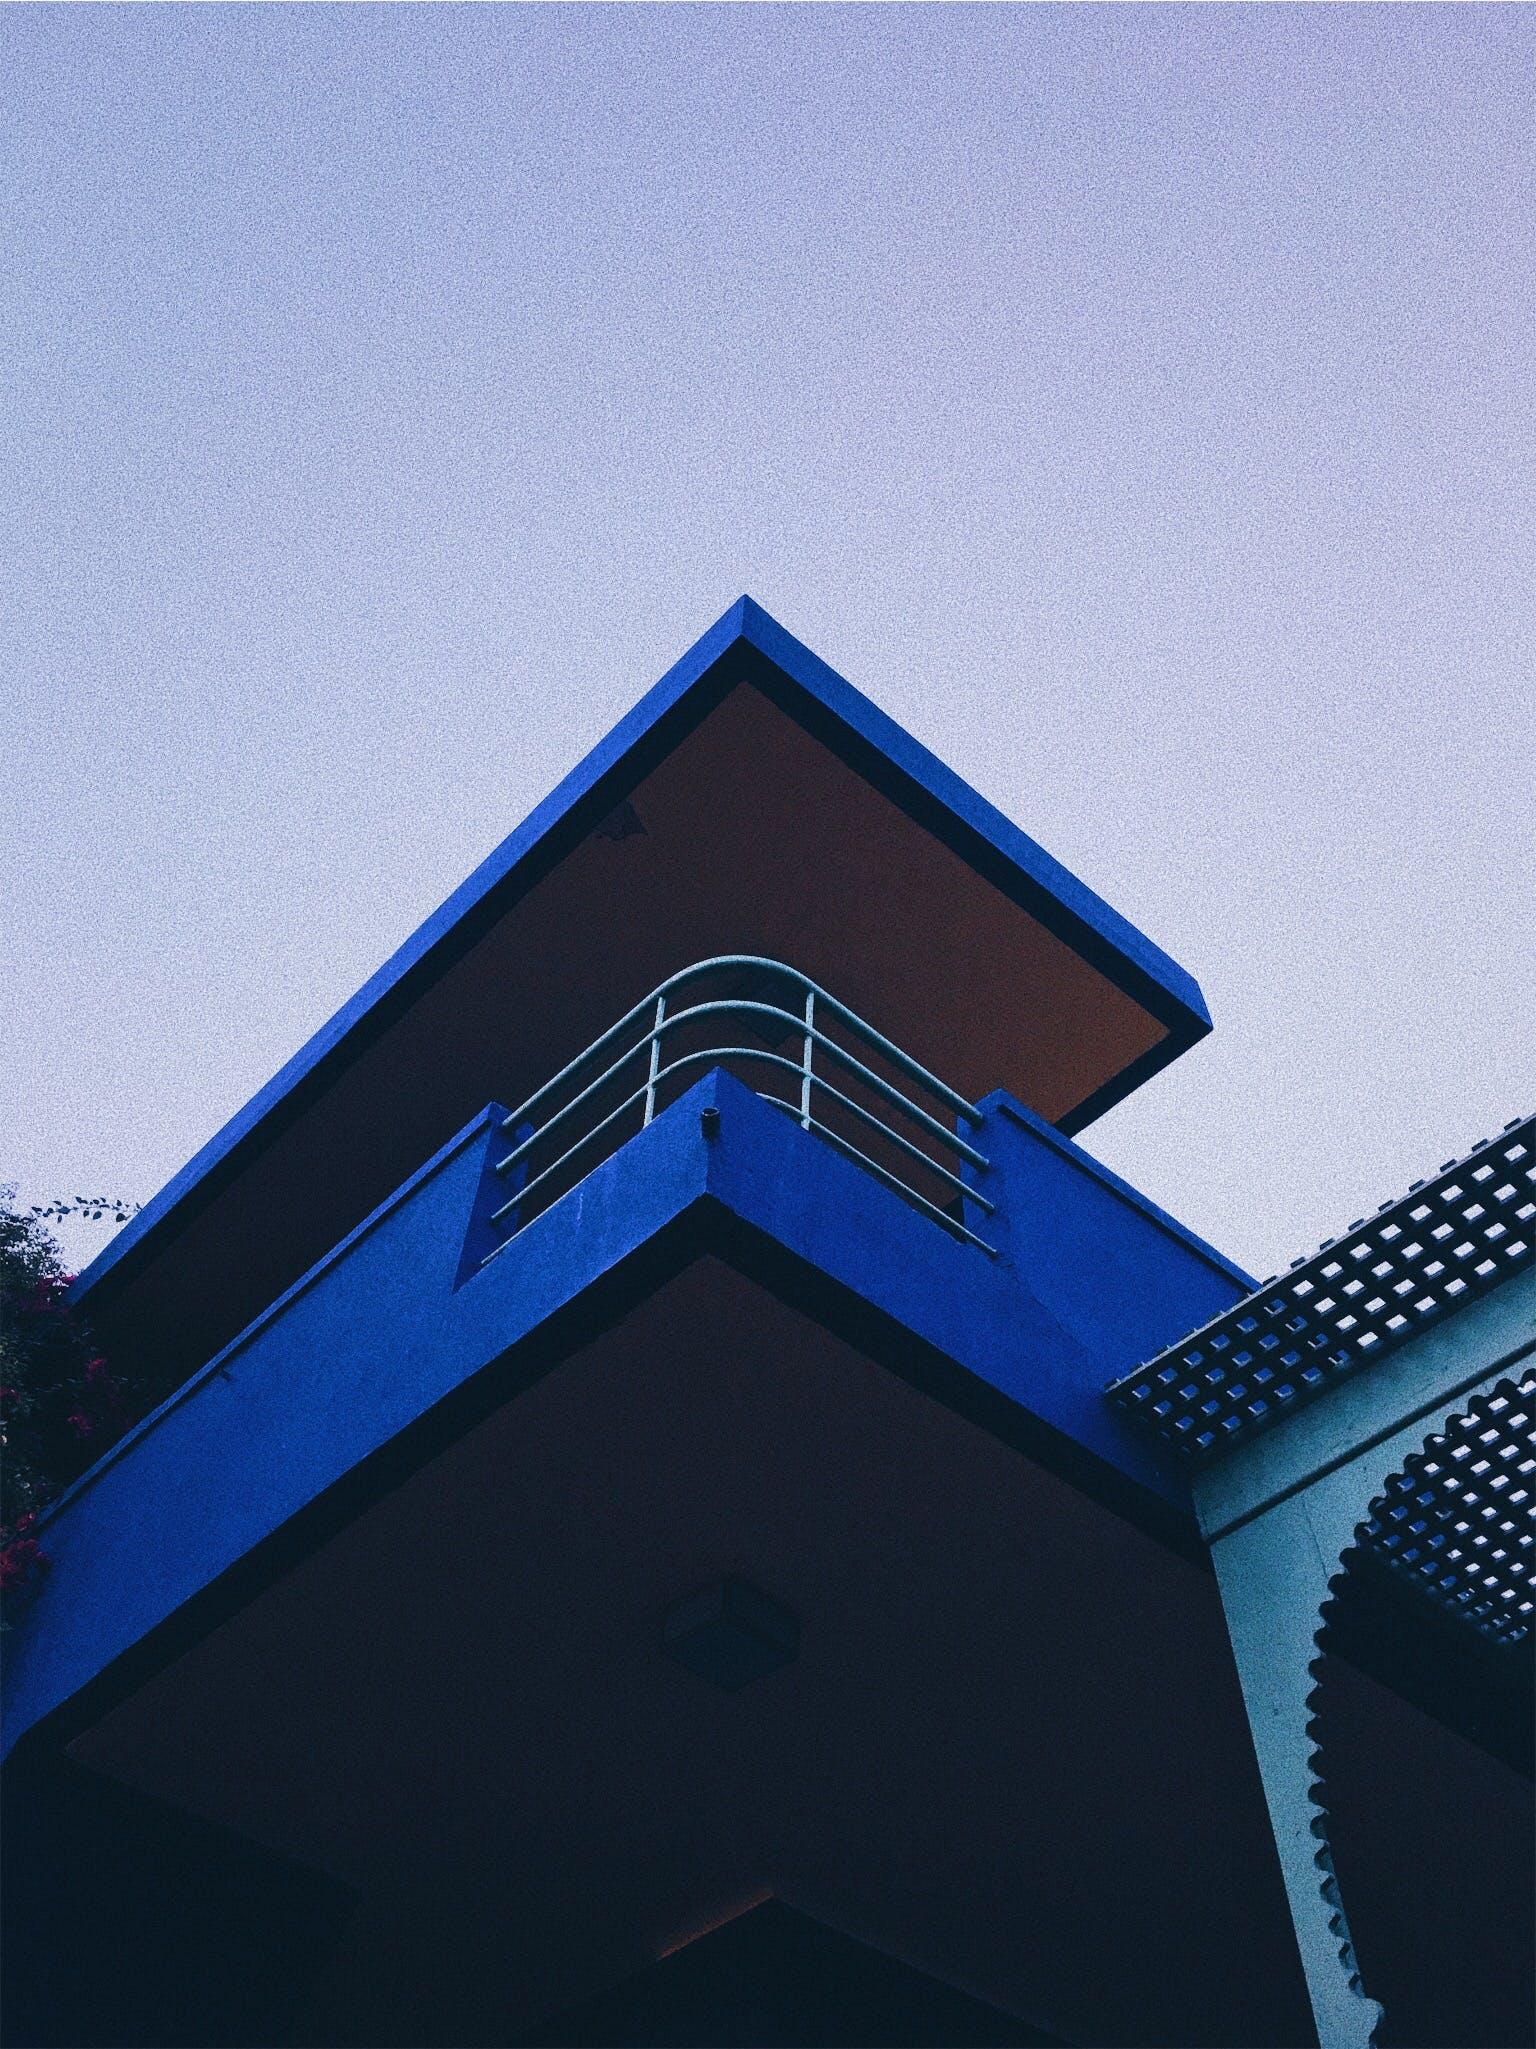 architecture, building, construction